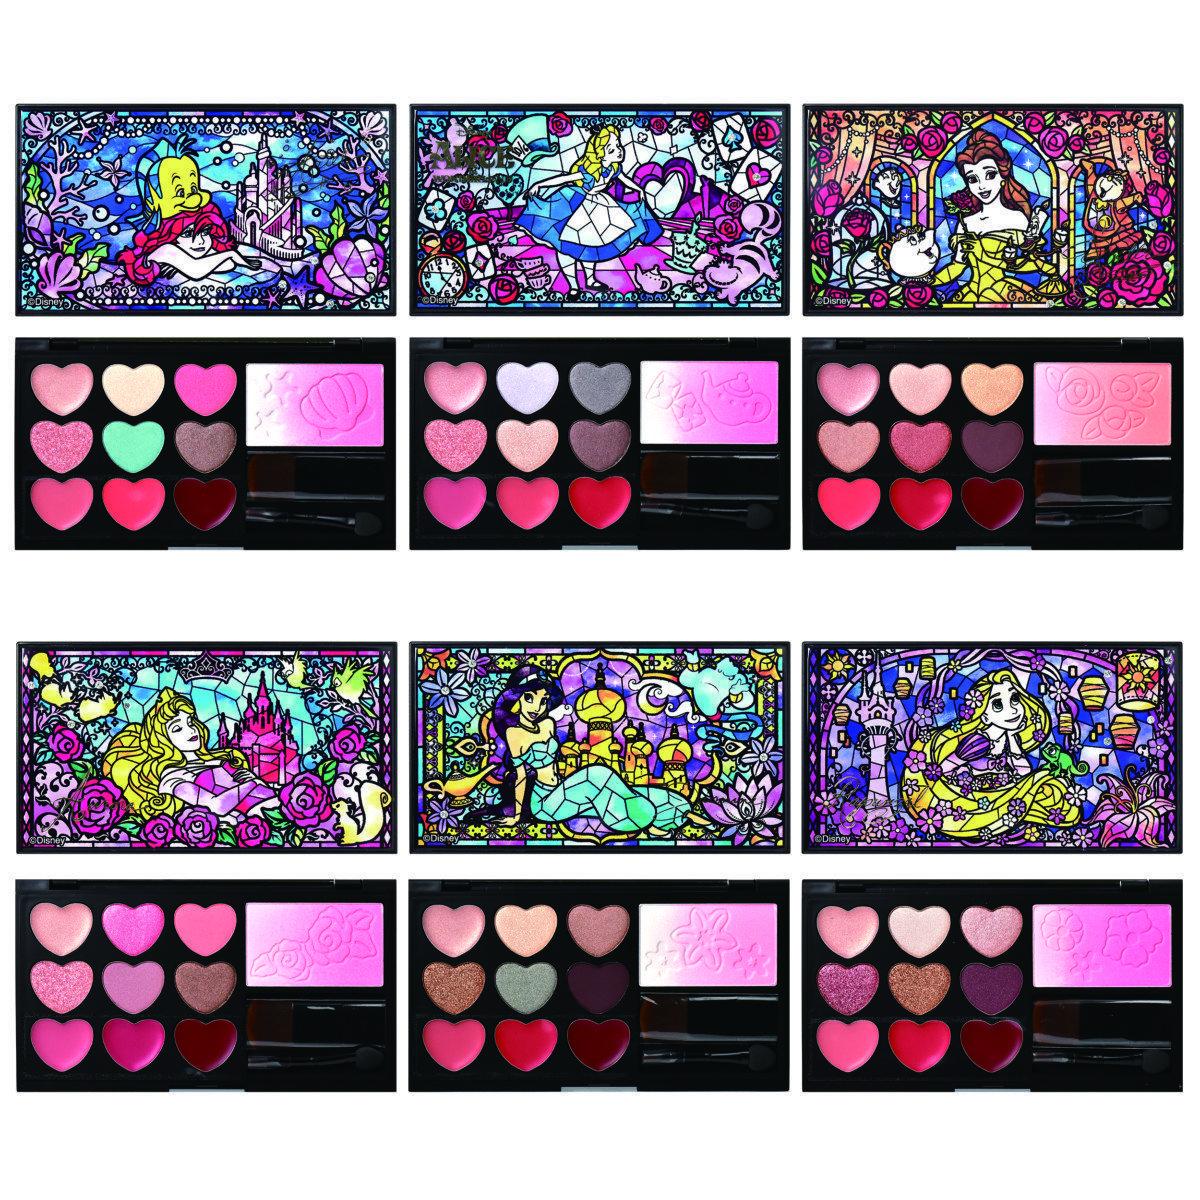 迪士尼公主,itsdemo,愛麗絲夢遊仙境,Disney,迪士尼聯名,茉莉公主,小美人魚,貝拉,makeup,beauty